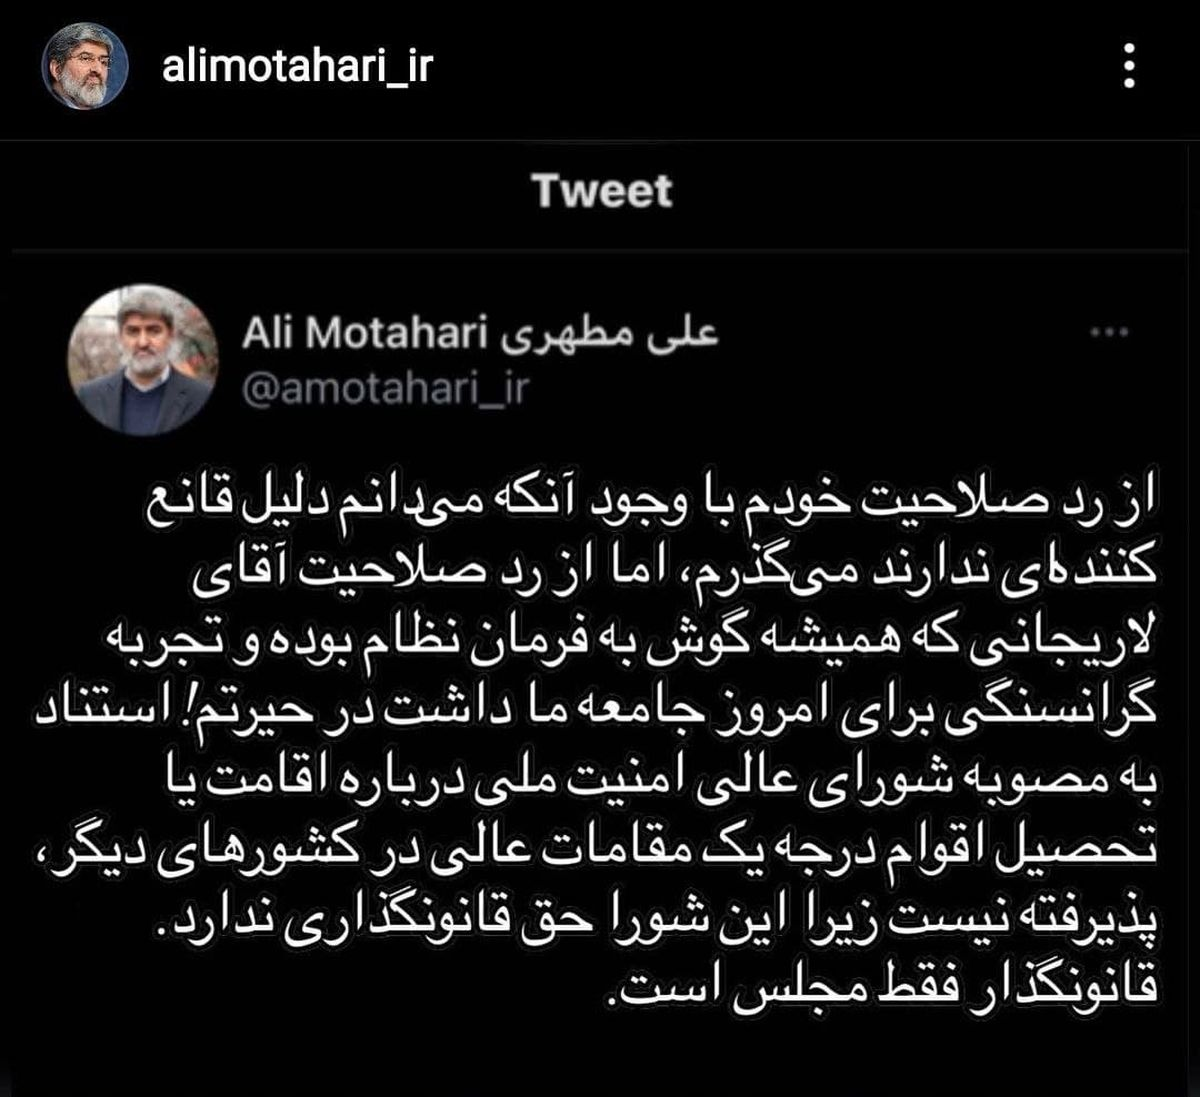 حیرت علی مطهری از رد صلاحیت لاریجانی